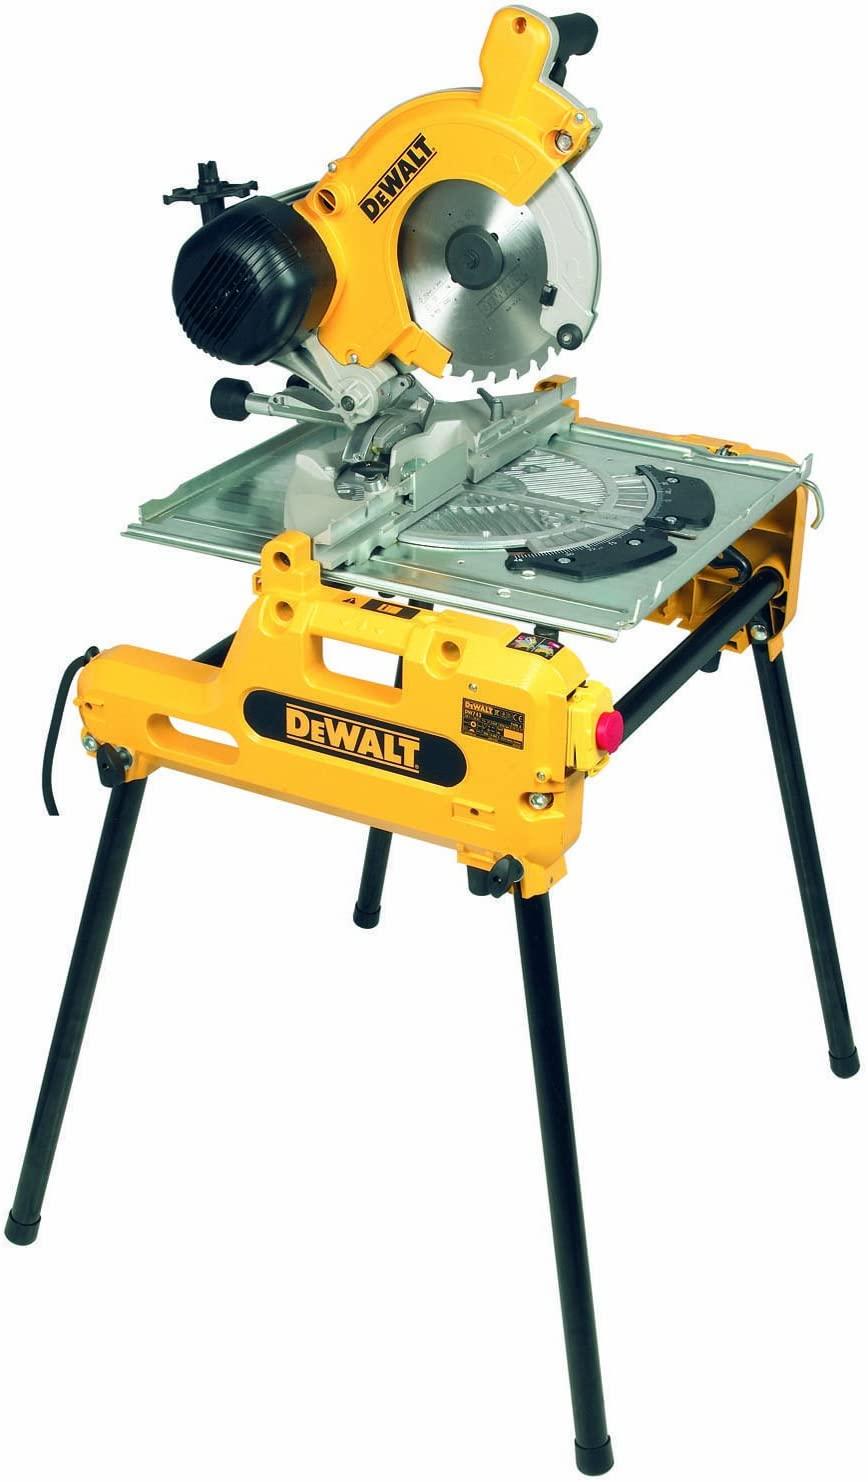 DeWalt DW743N-QS Tisch-, Kapp- und Gehrungssäge